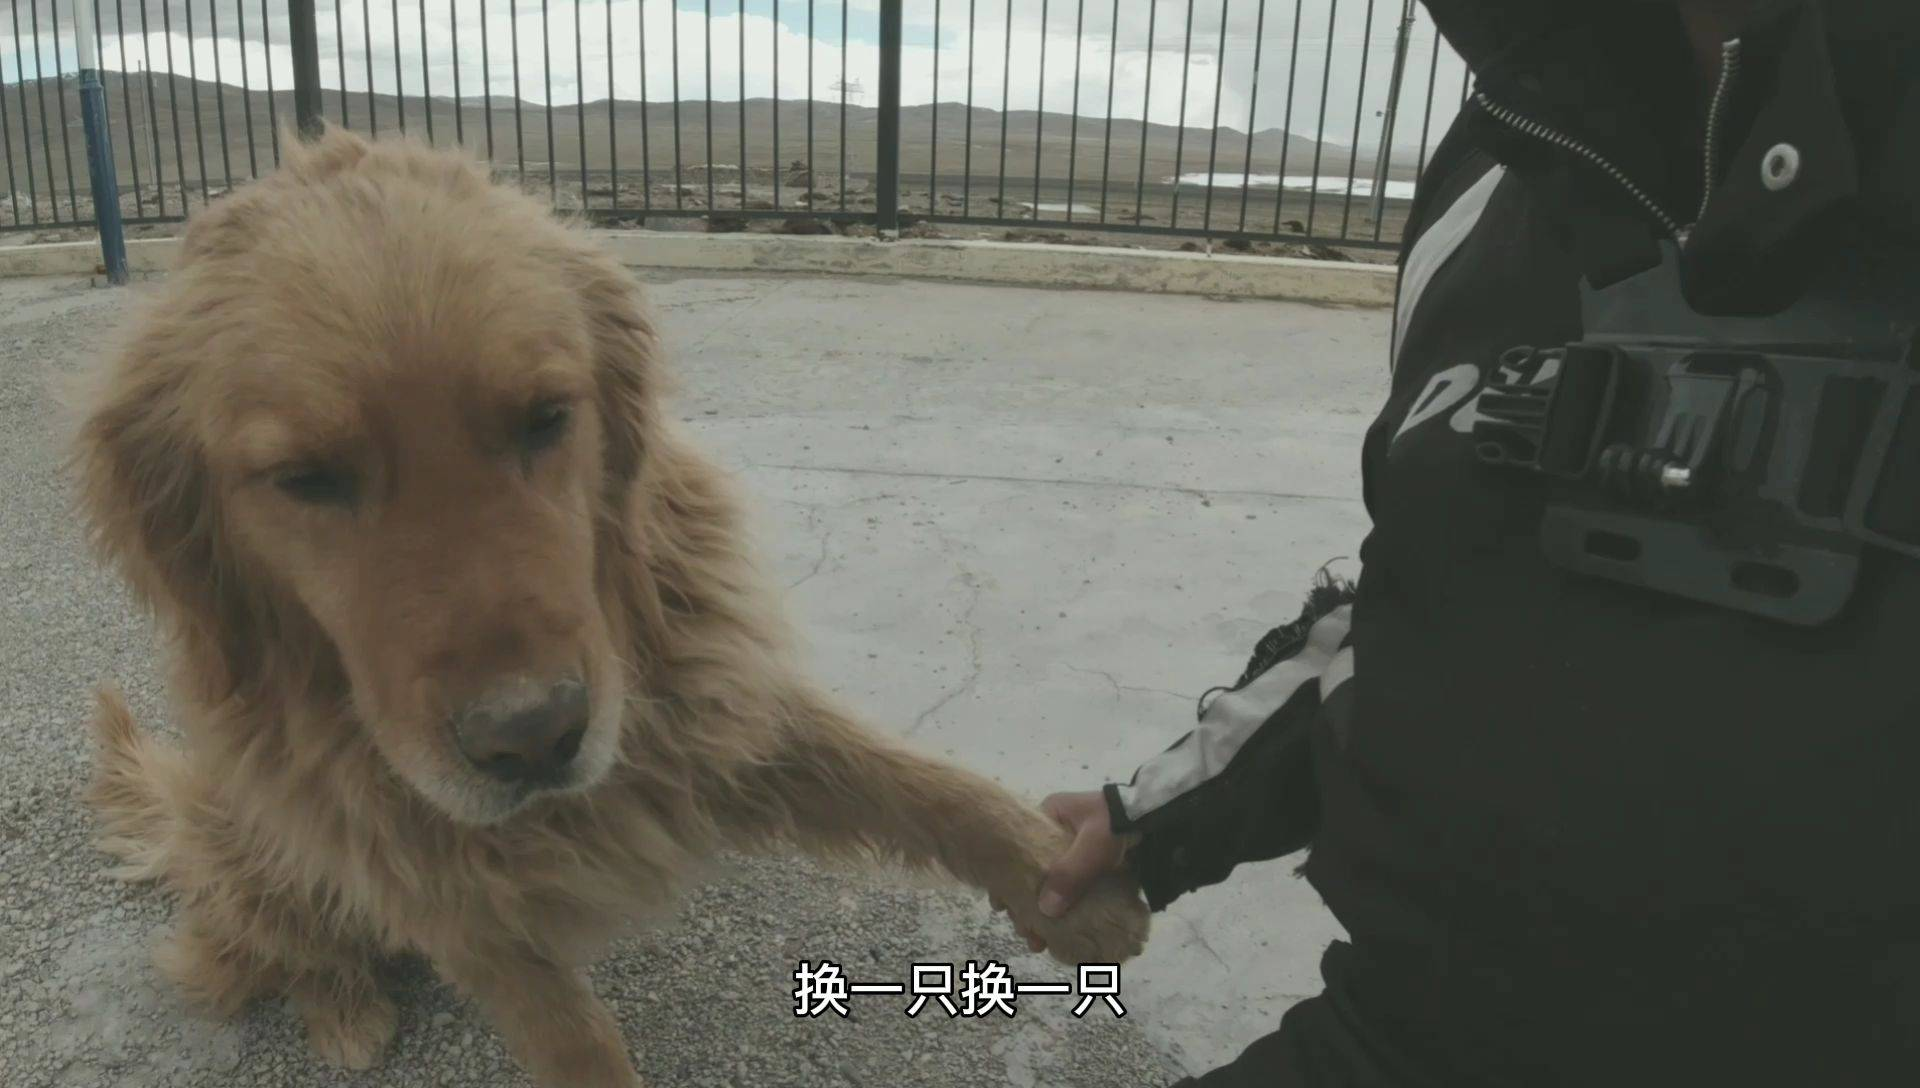 青藏线遇到两个徒步拉车的,带了两条狗,这就是徒步拉车标配?